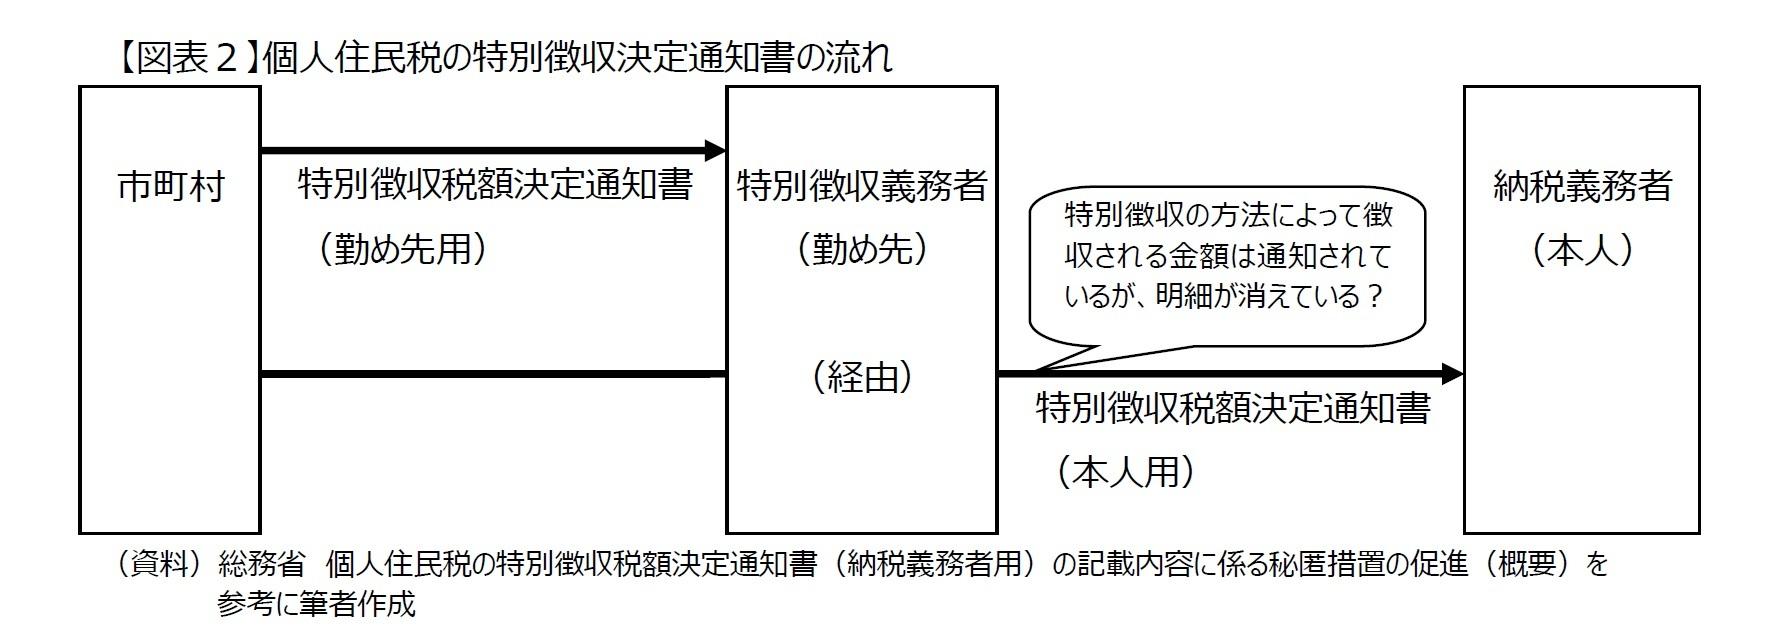 【図表2】個人住民税の特別徴収決定通知書の流れ